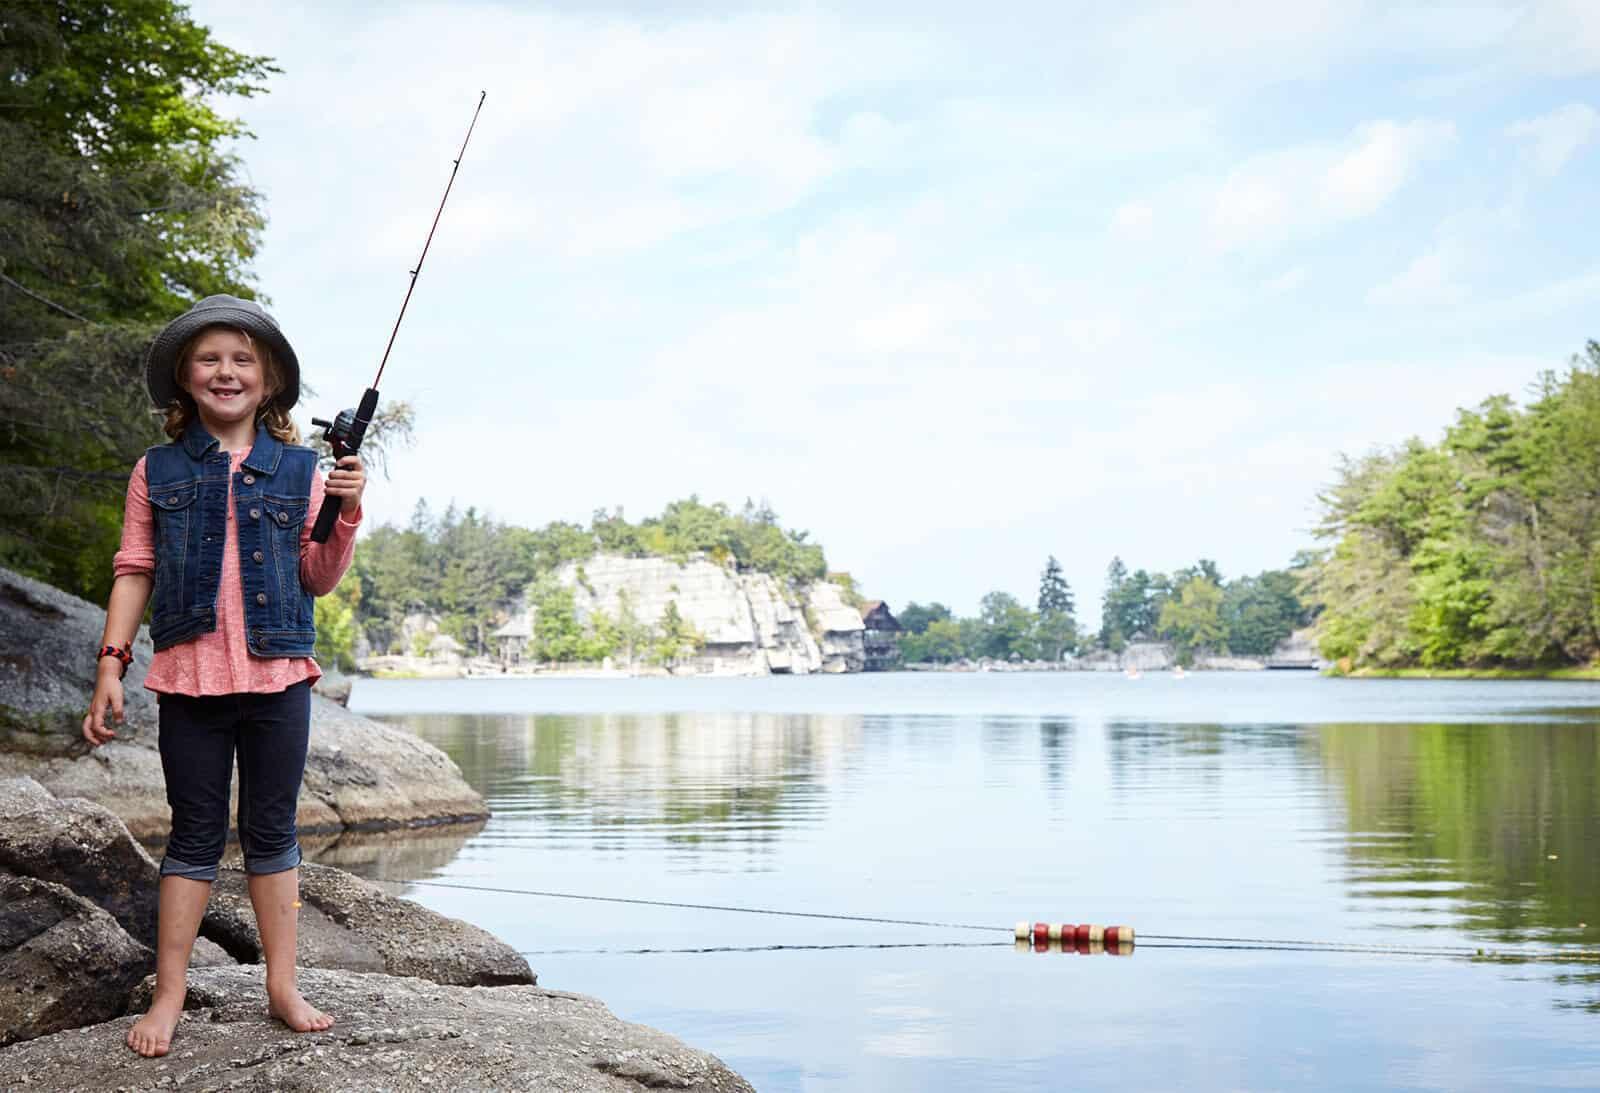 Young girl fishing on Mohonk